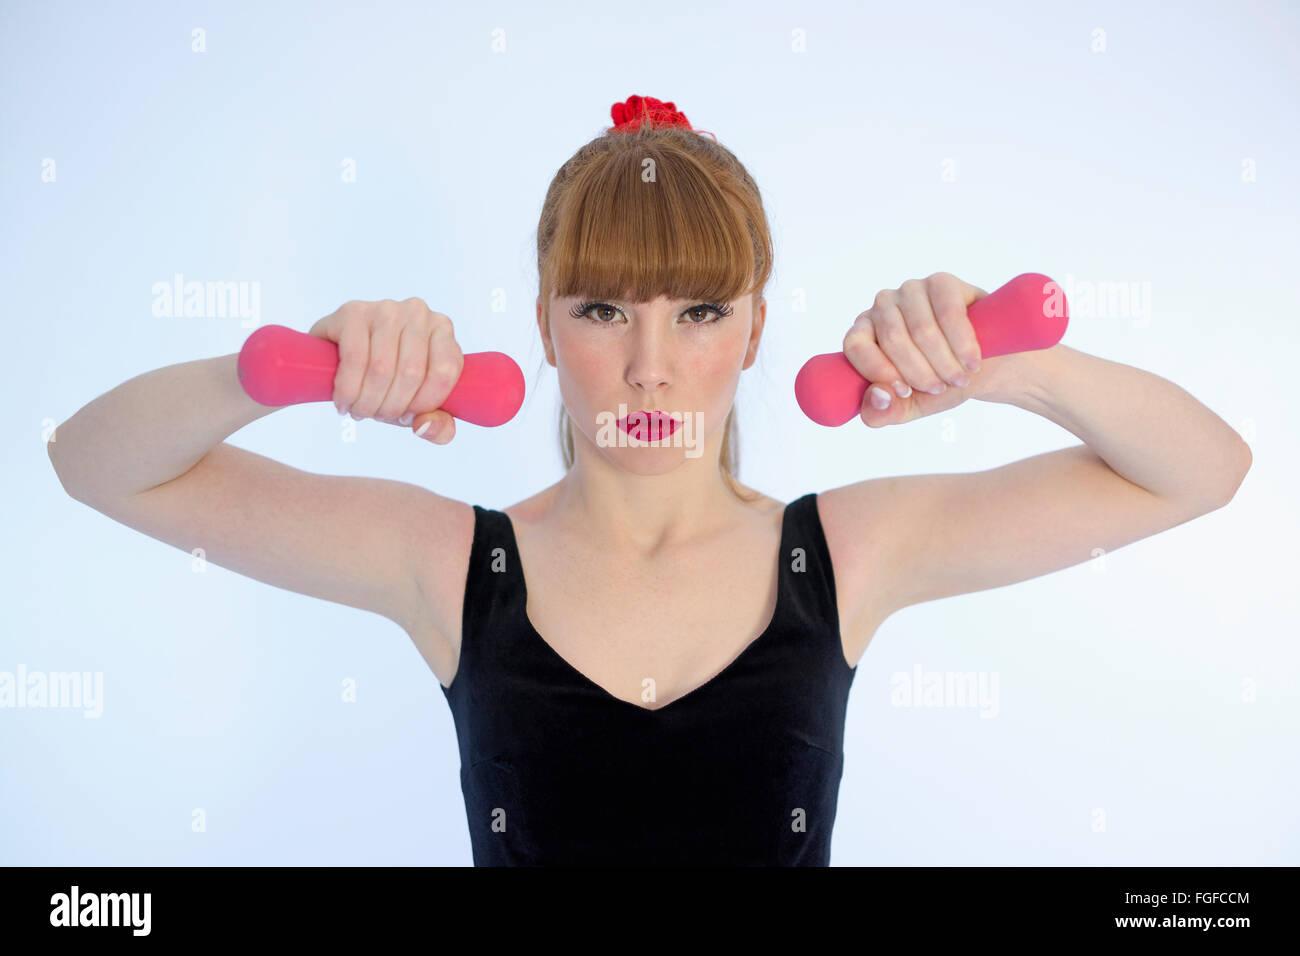 Mujer con el cabello marrón largo sudor vistiendo una diadema rosa sosteniendo mancuernas ejercicio Imagen De Stock